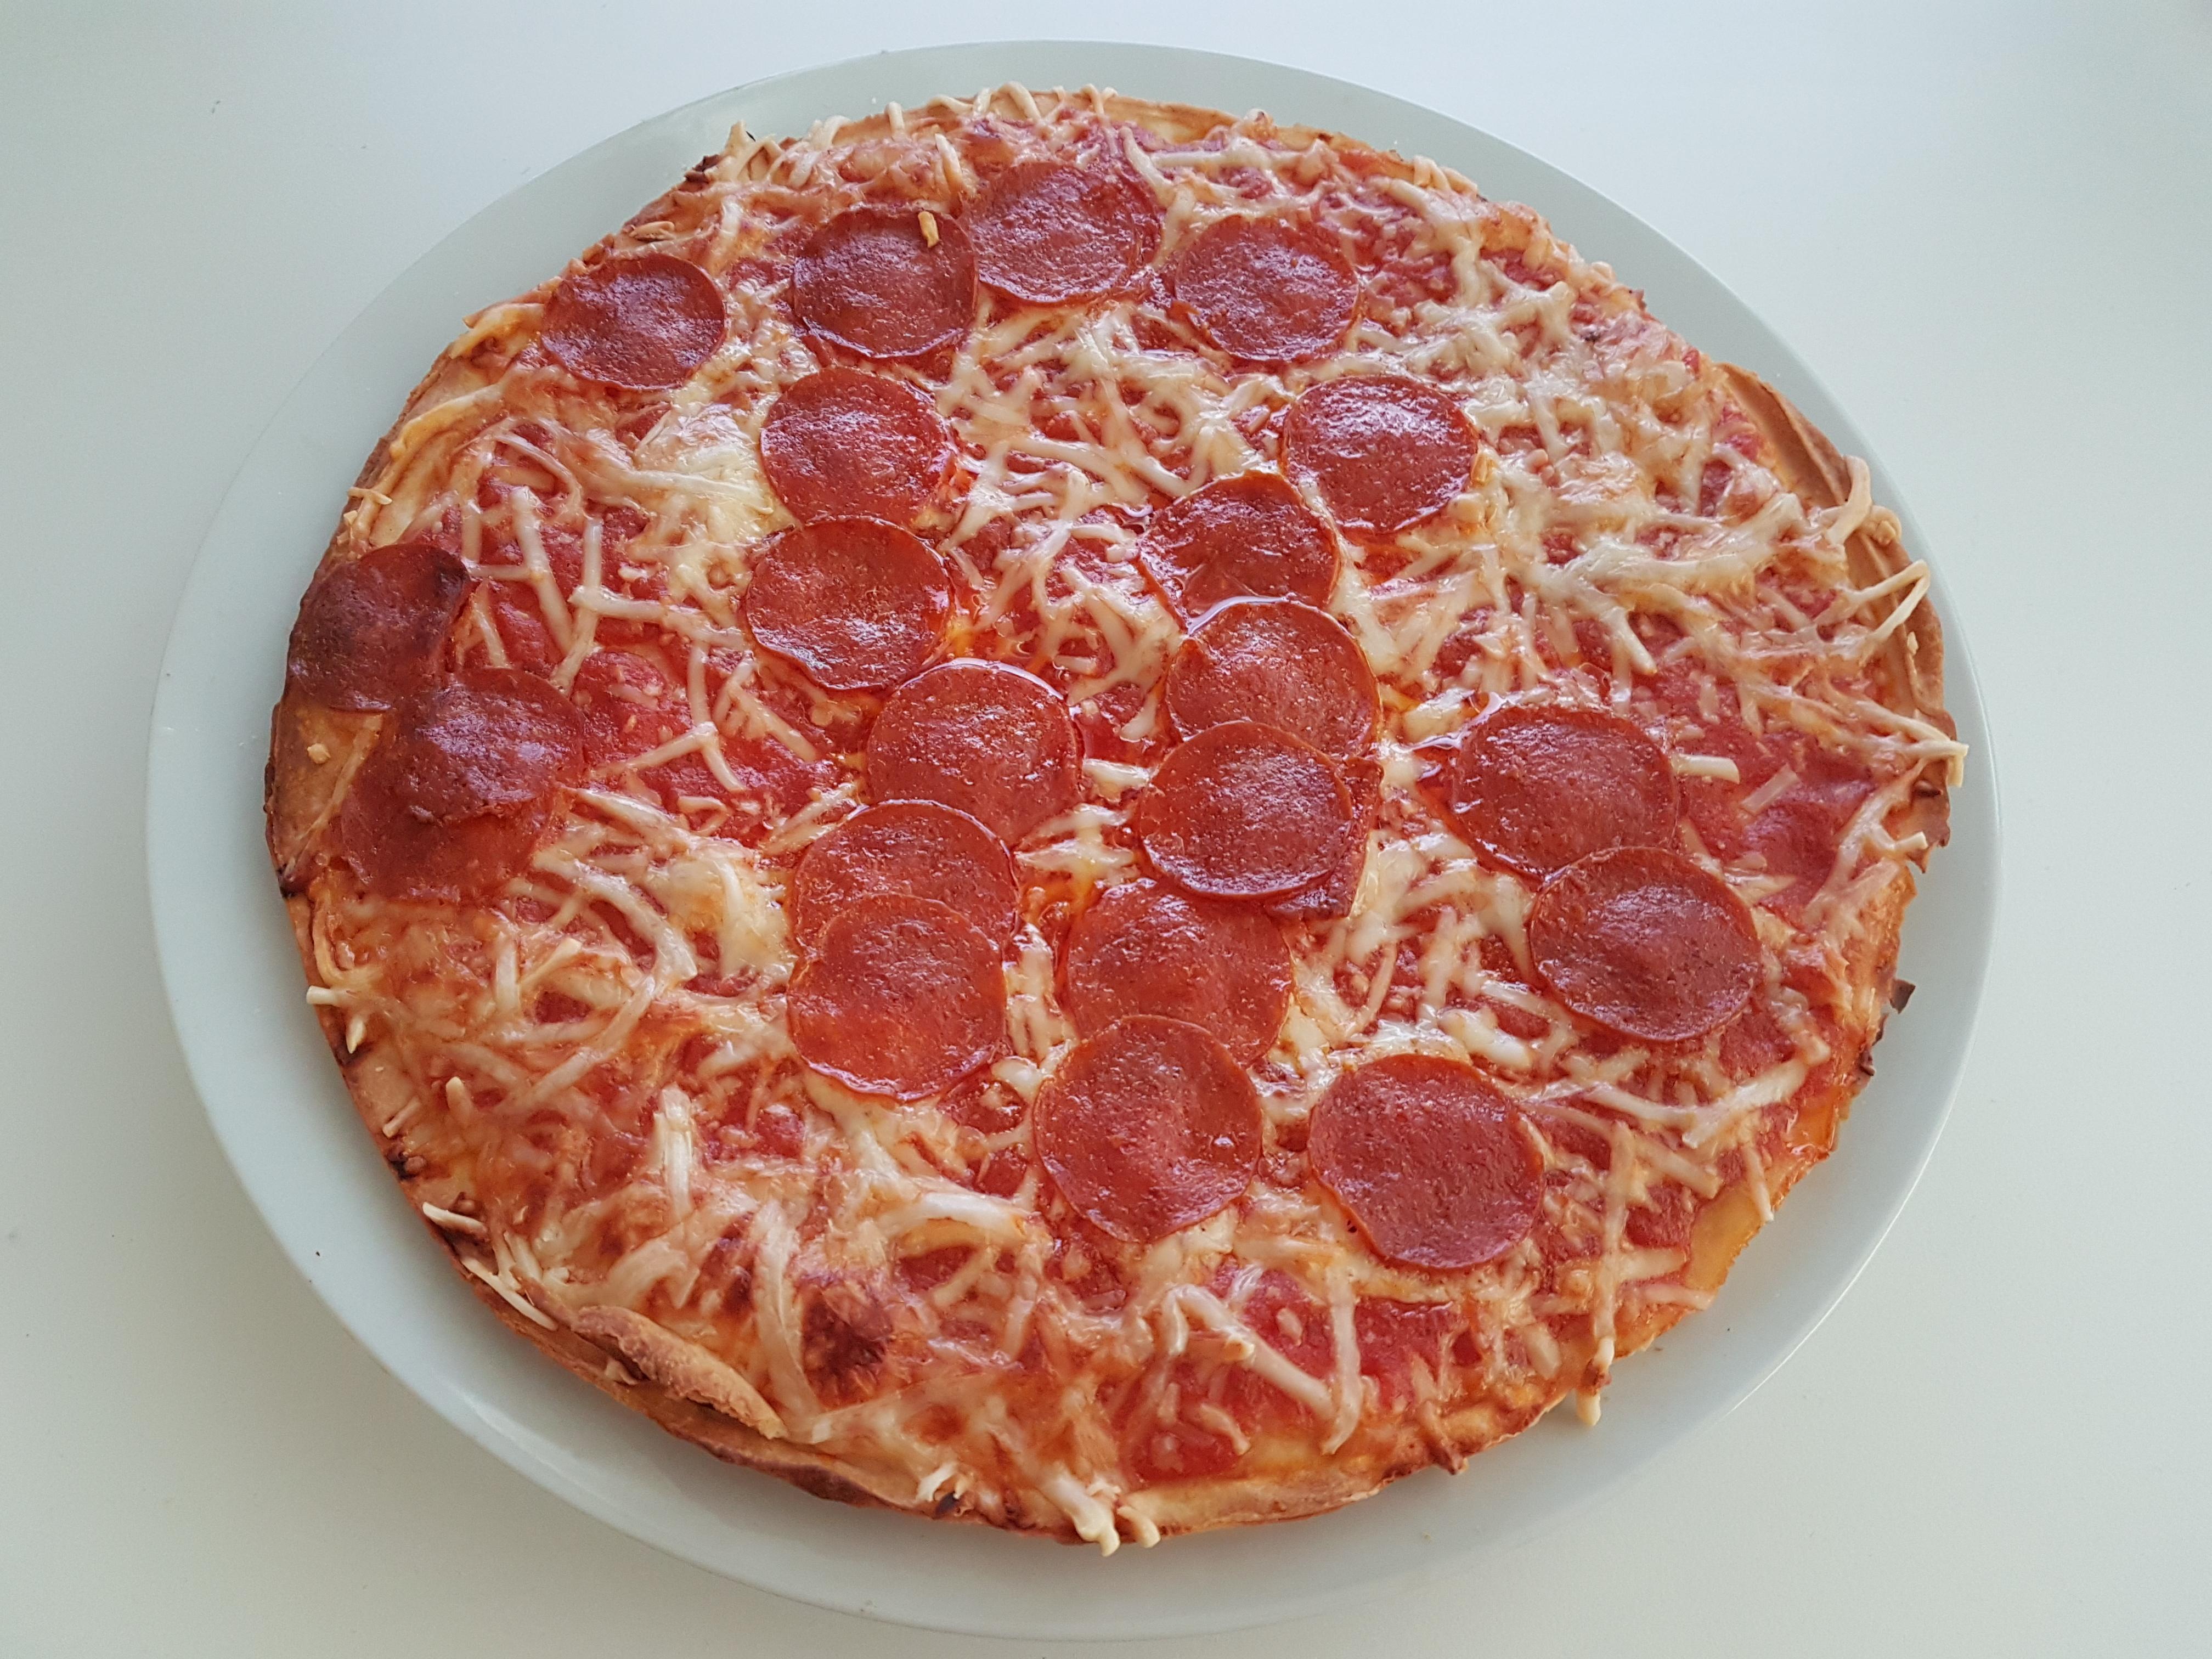 https://foodloader.net/Holz_2019-12-22_Pizza.jpg